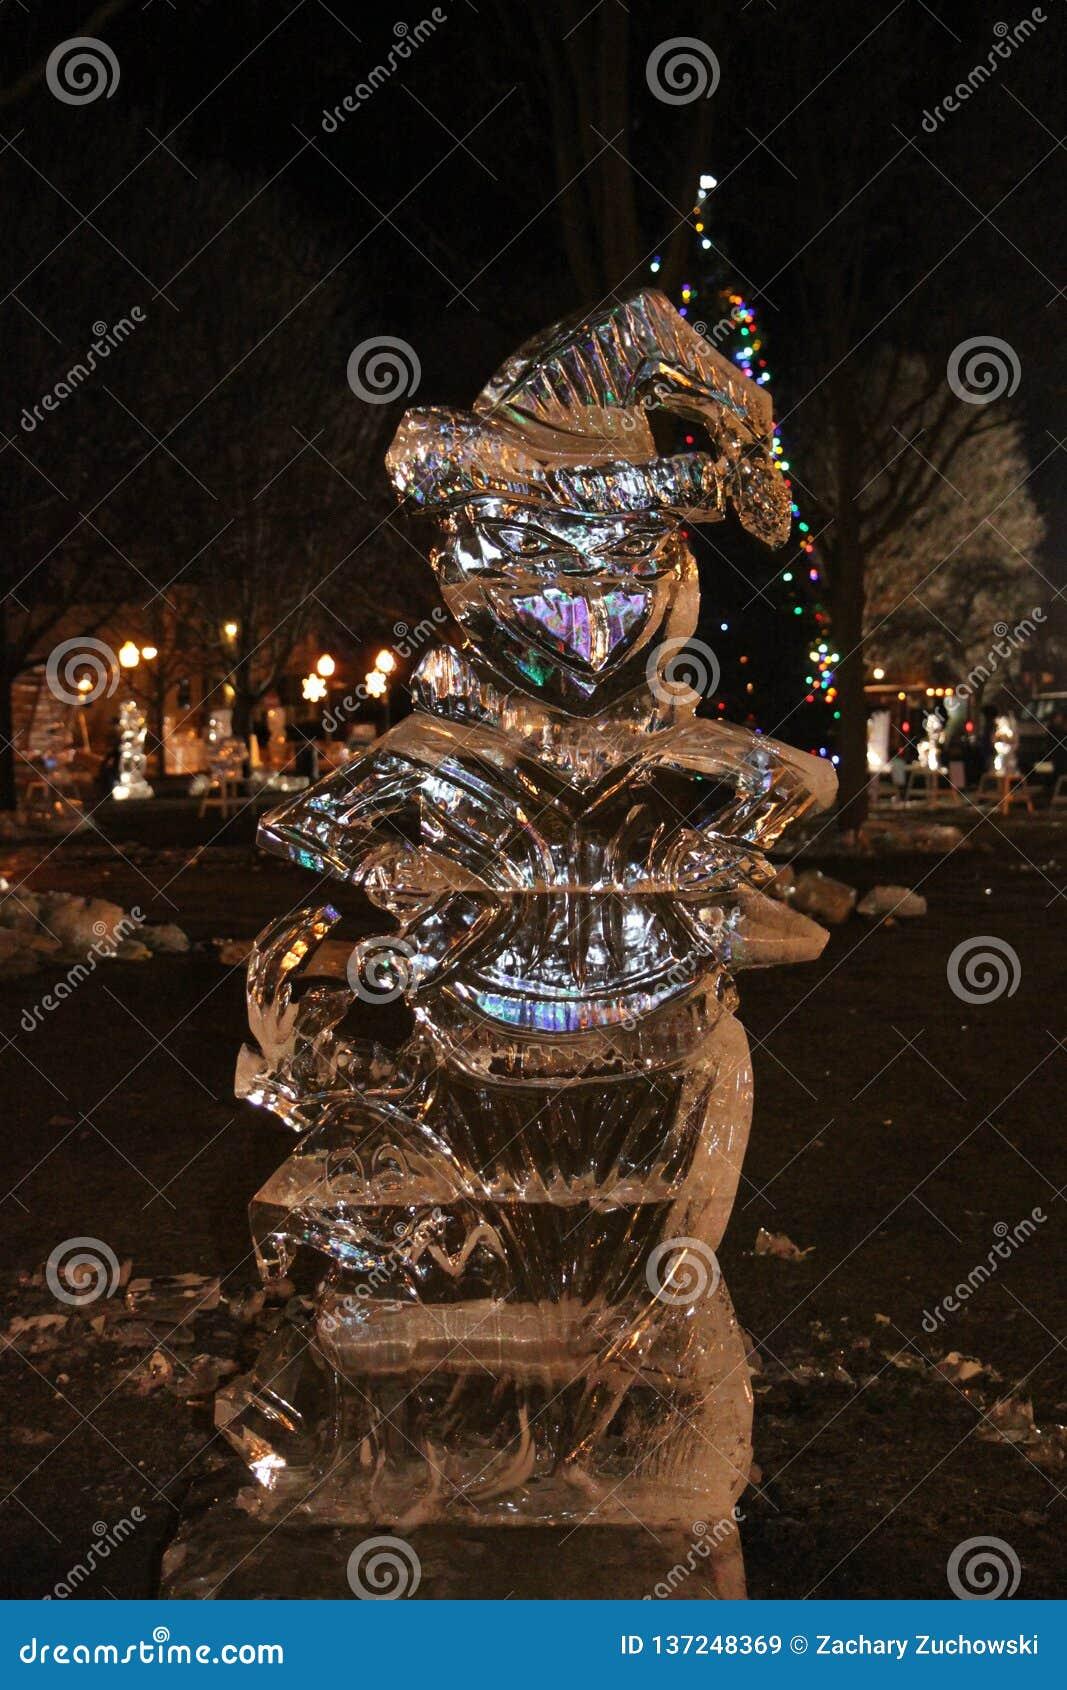 La escultura de hielo de Grinch